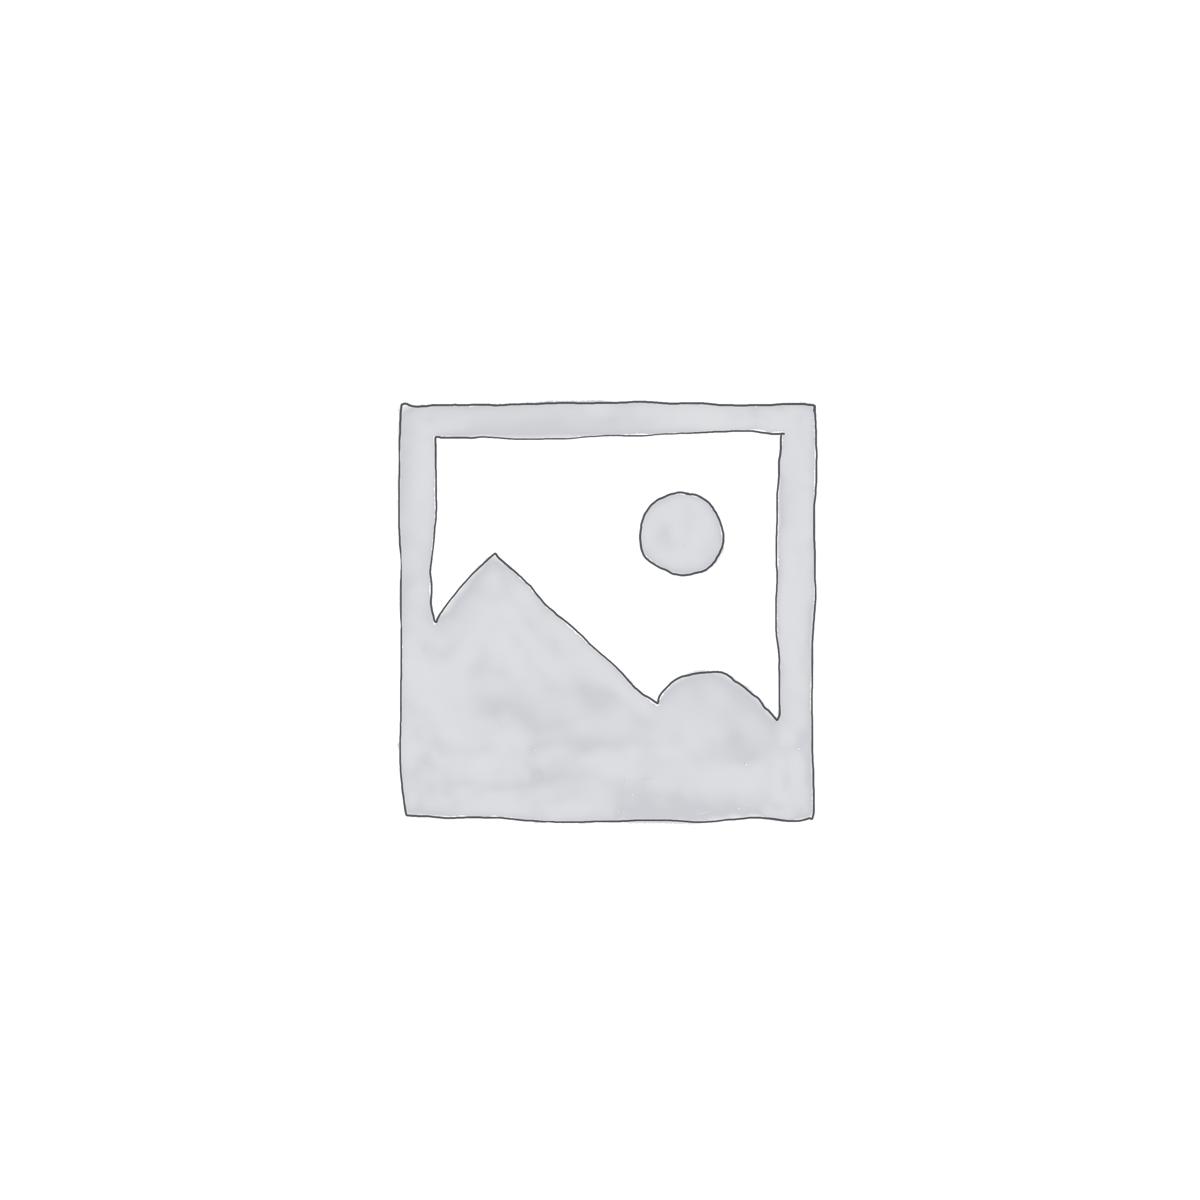 Ξύλινα τουβλάκια κατασκευών 50 τμχ.:Καουμπόι